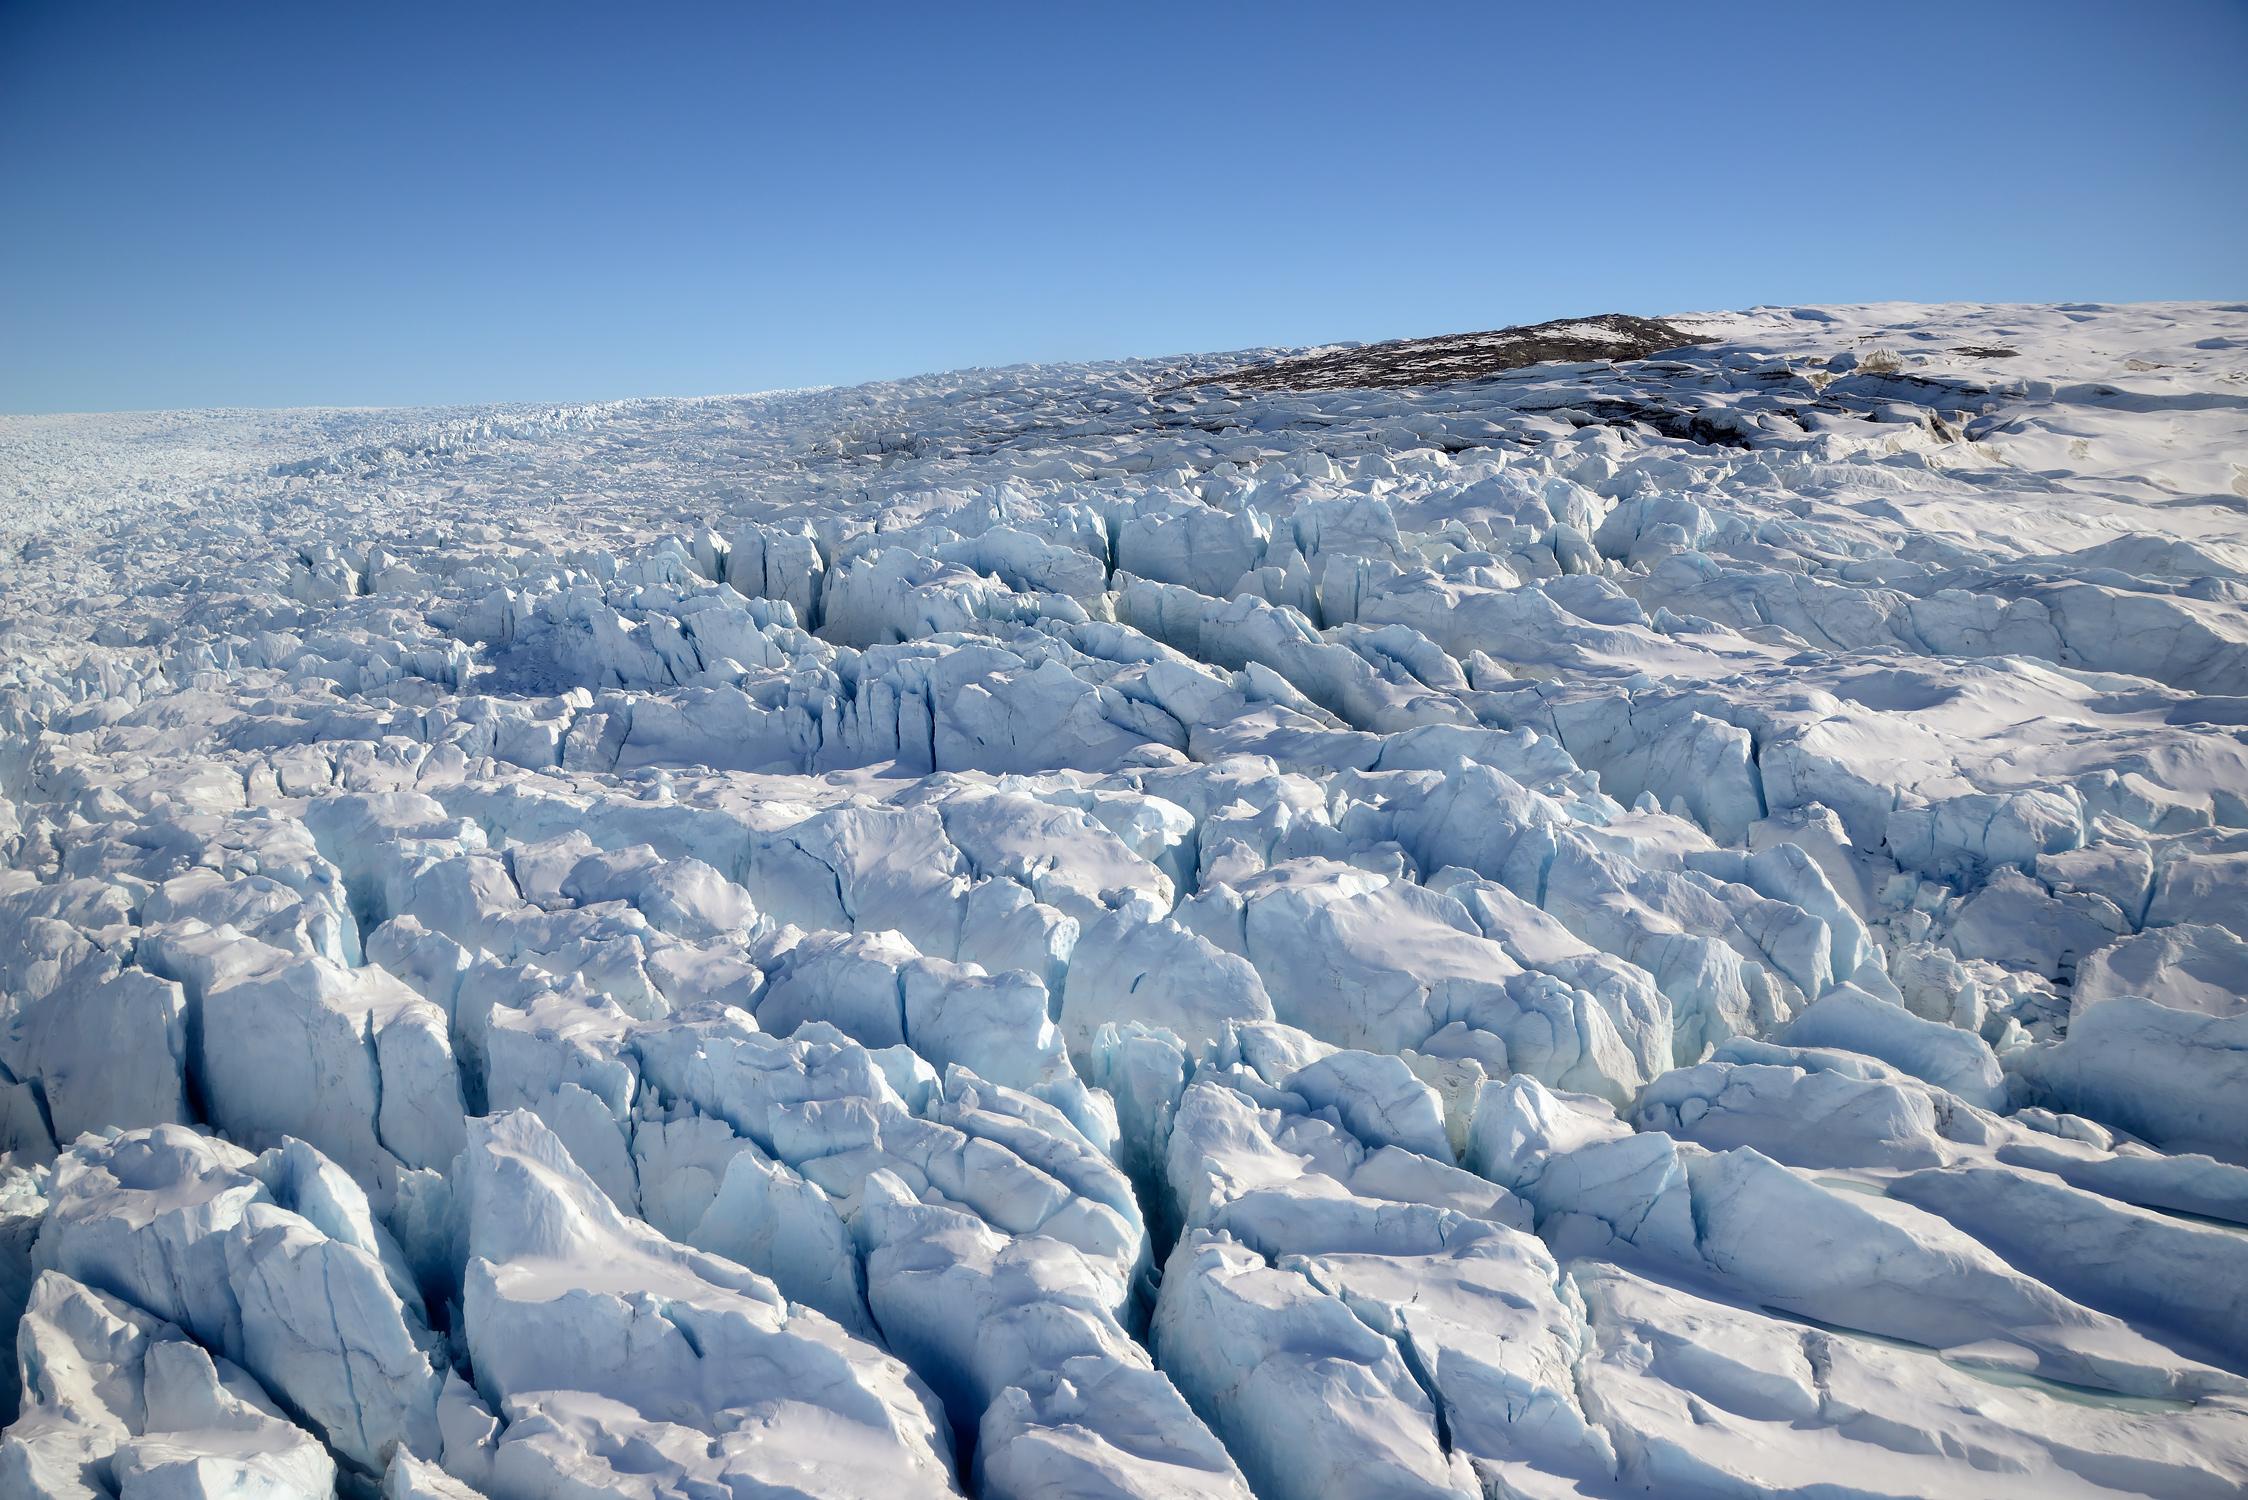 Eis-Strukturen nahe der Seitenmoräne, aus dem Fenster des startenden Helikopters fotografiert